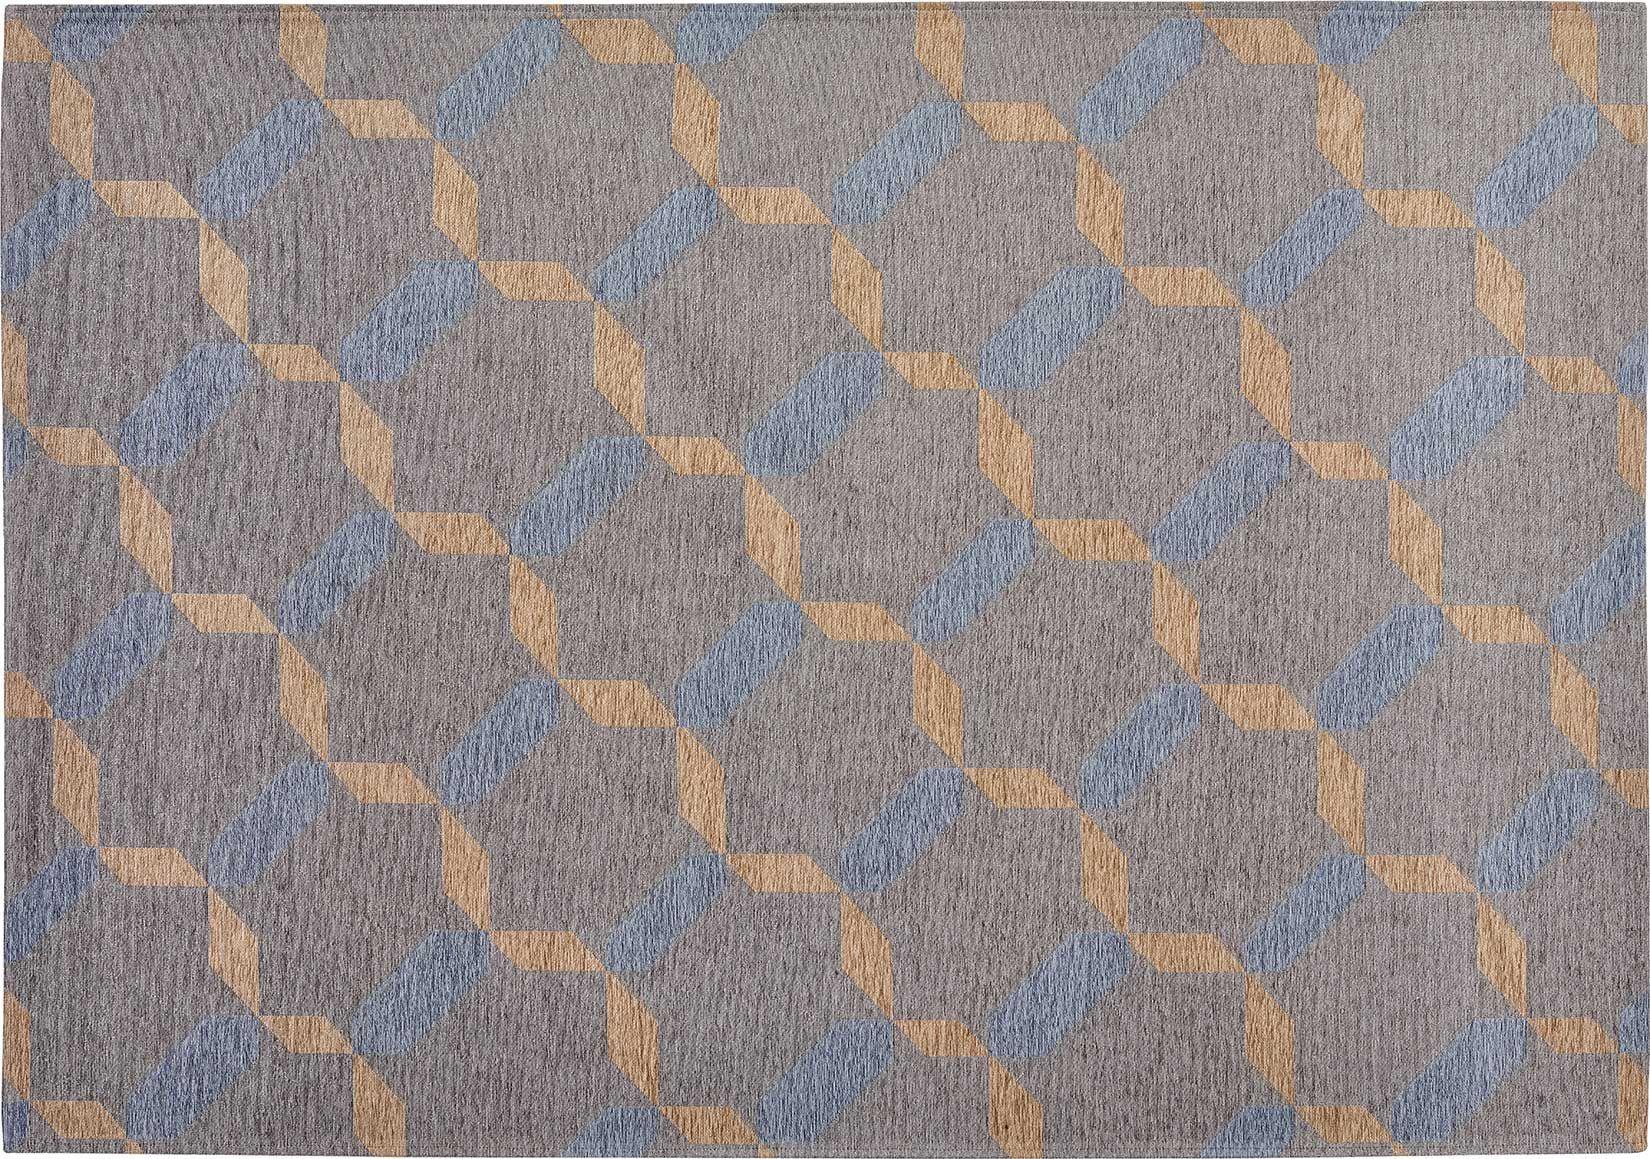 Deco tappeto contemporaneo Tappeti contemporanei